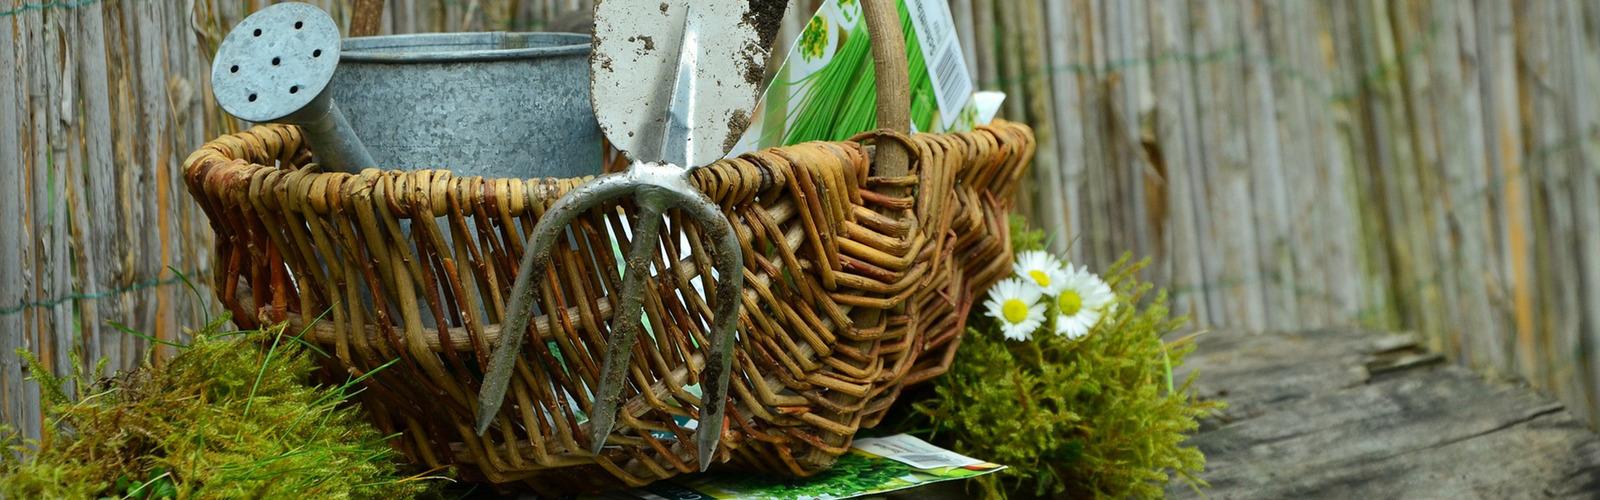 Petit outillage de jardin aurillac cantal for Outillage de jardin